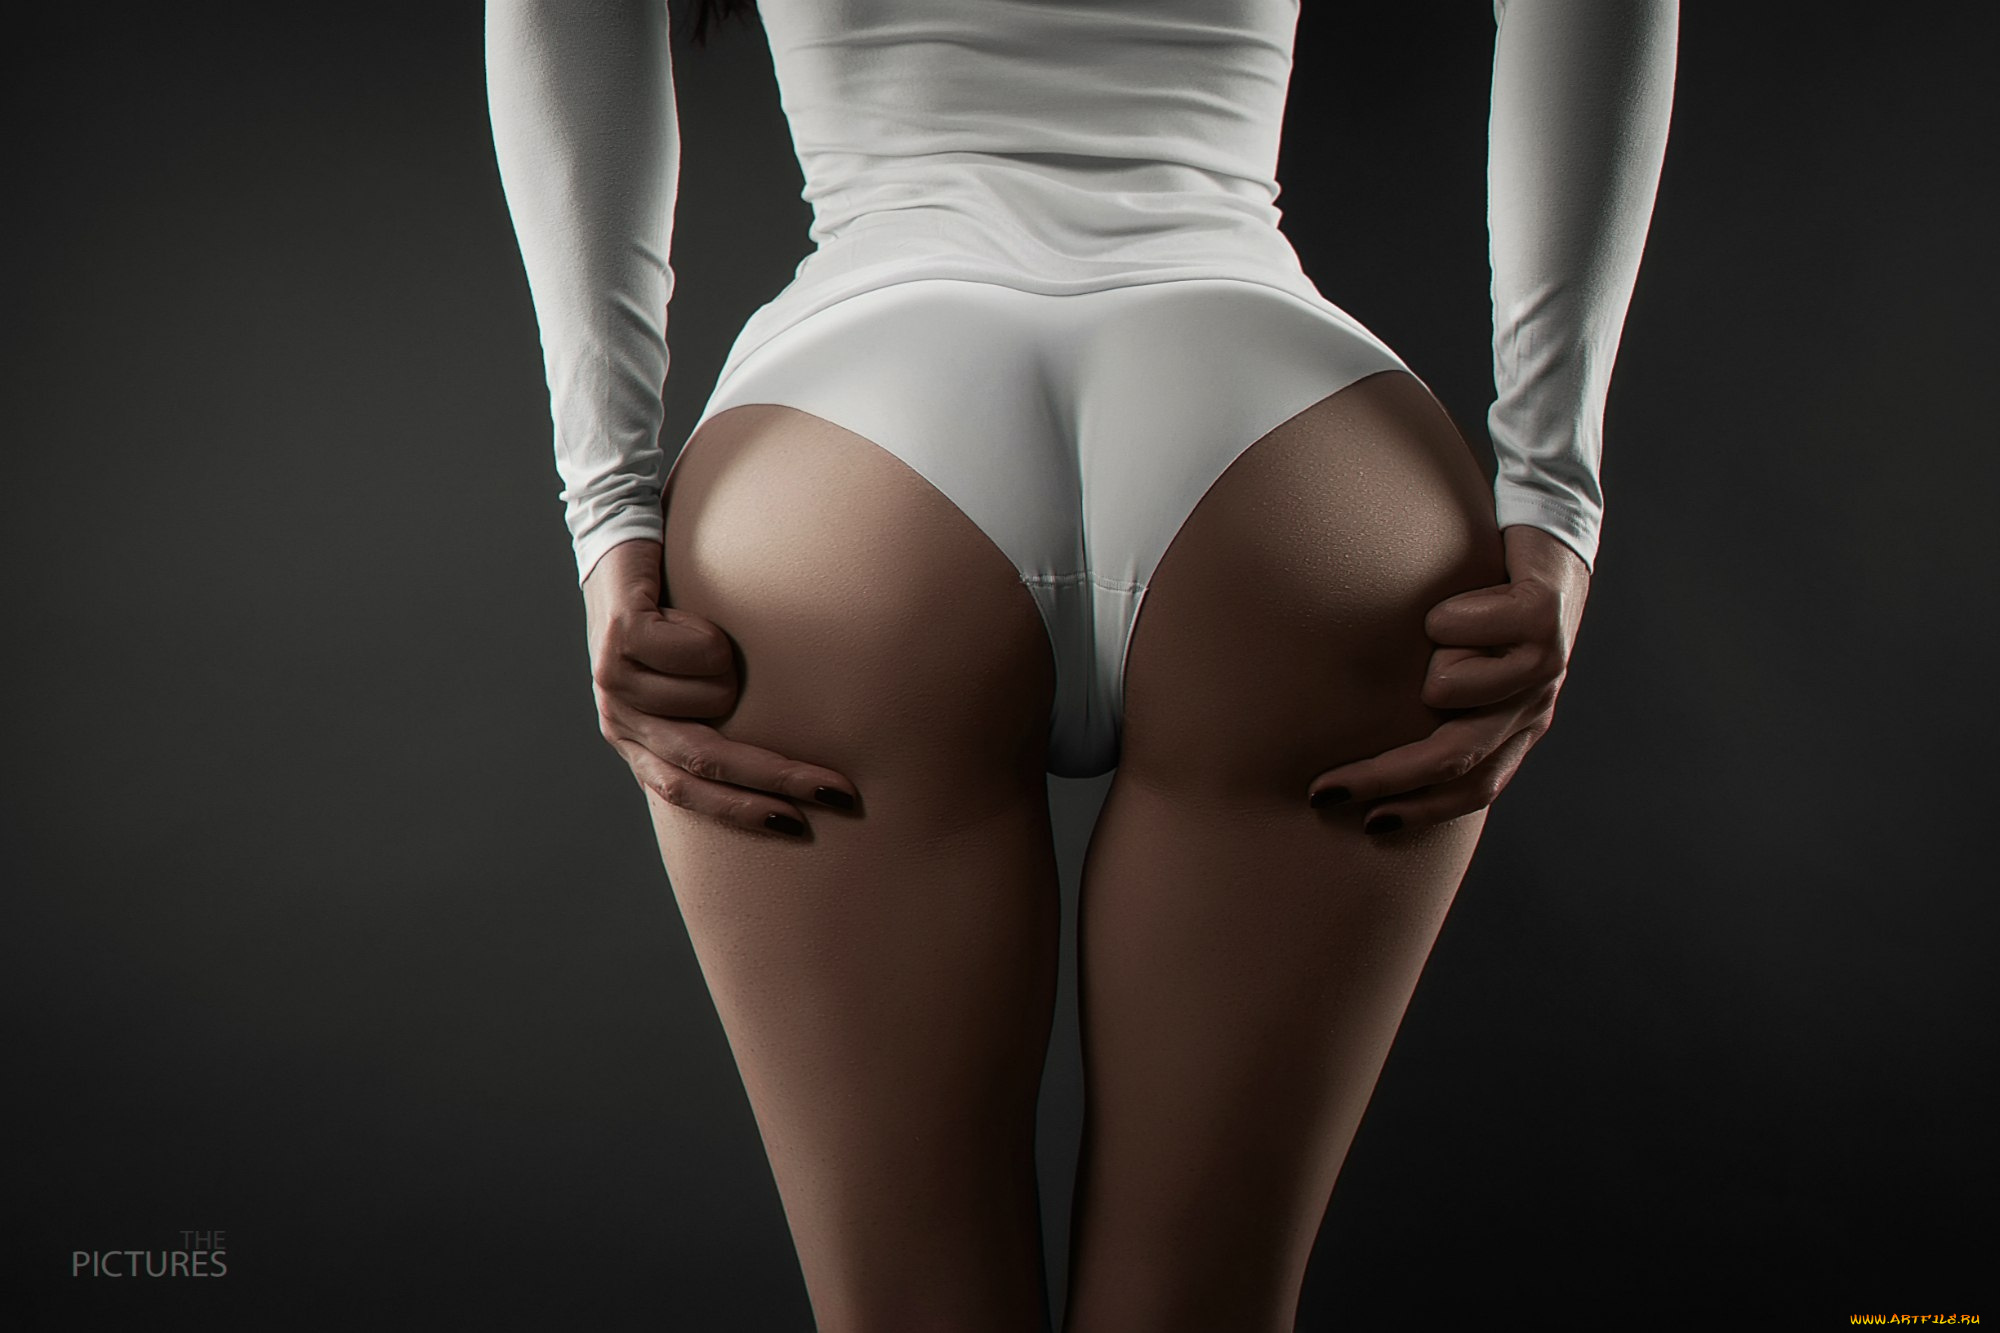 Только женская попа, Порно Красивые попки -видео. Смотреть порно 5 фотография